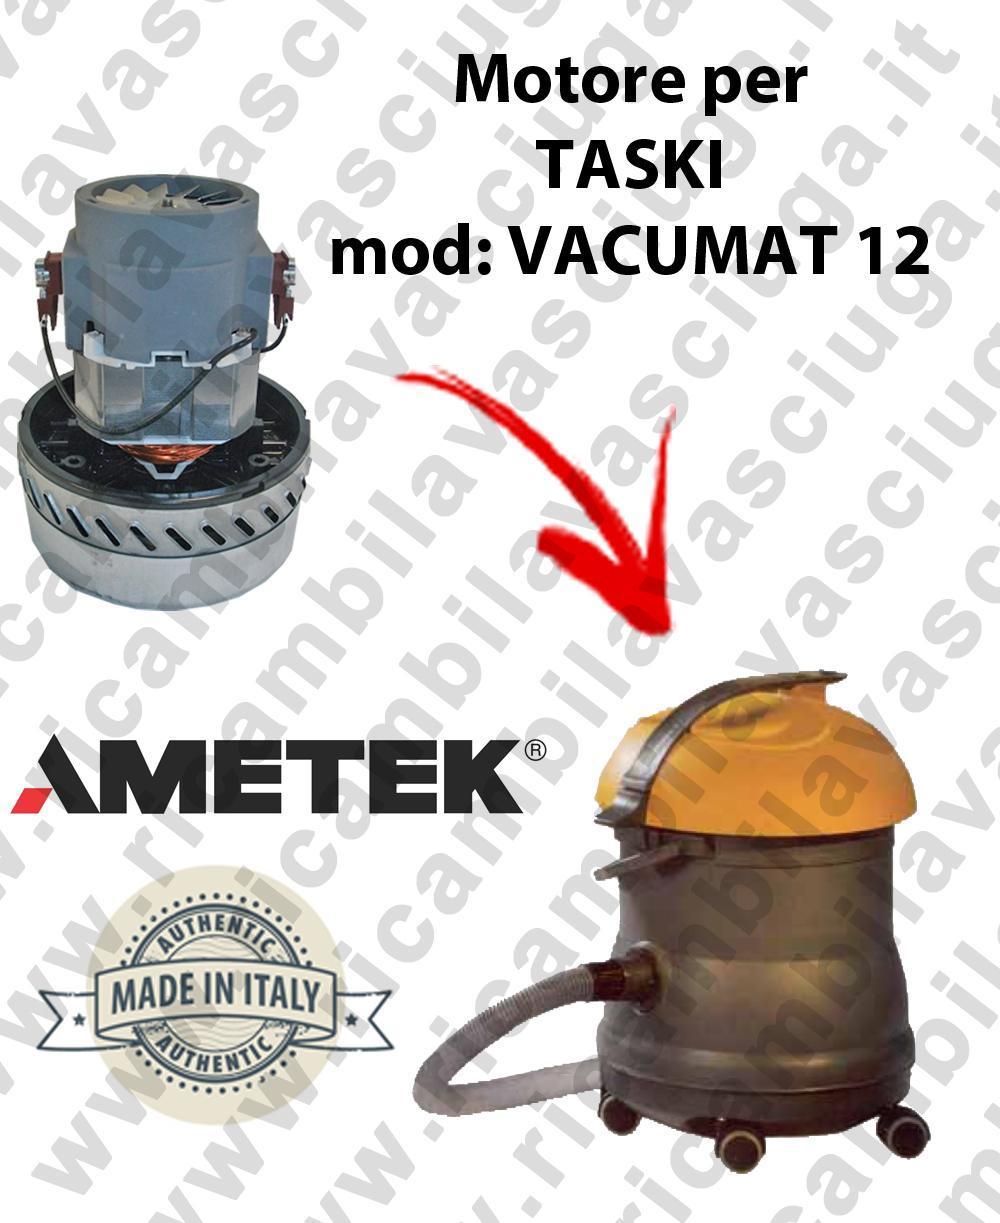 VACUMAT 12 MOTEUR AMETEK aspiration pour aspirateur et aspirateur à eau TASKI